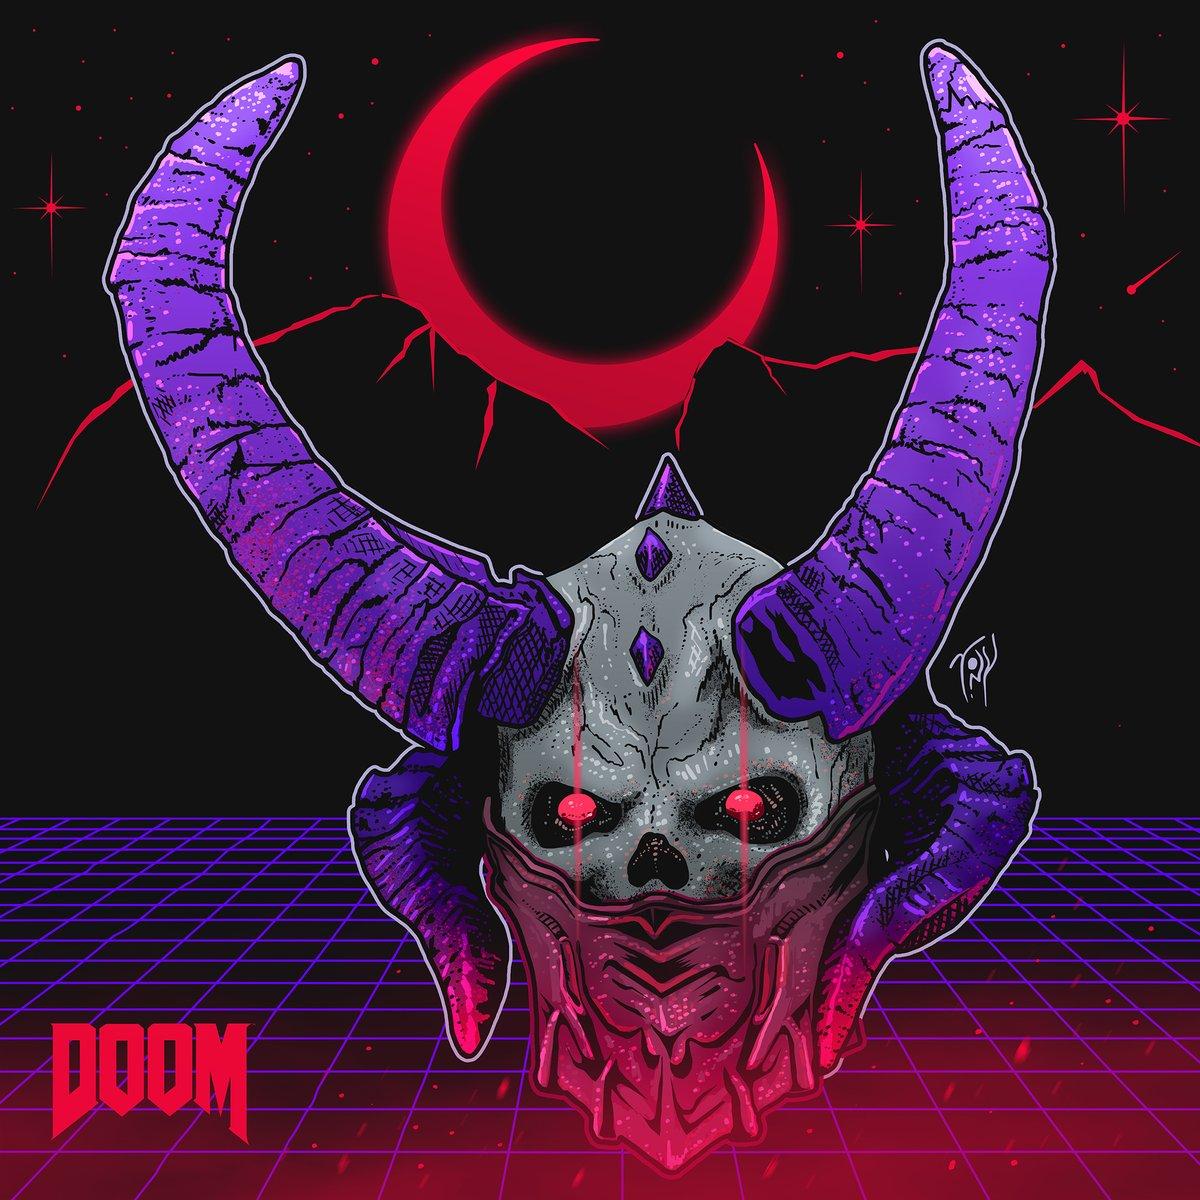 Doom On Twitter Outrun Marauder Fan Art By Tony Kei Art Https